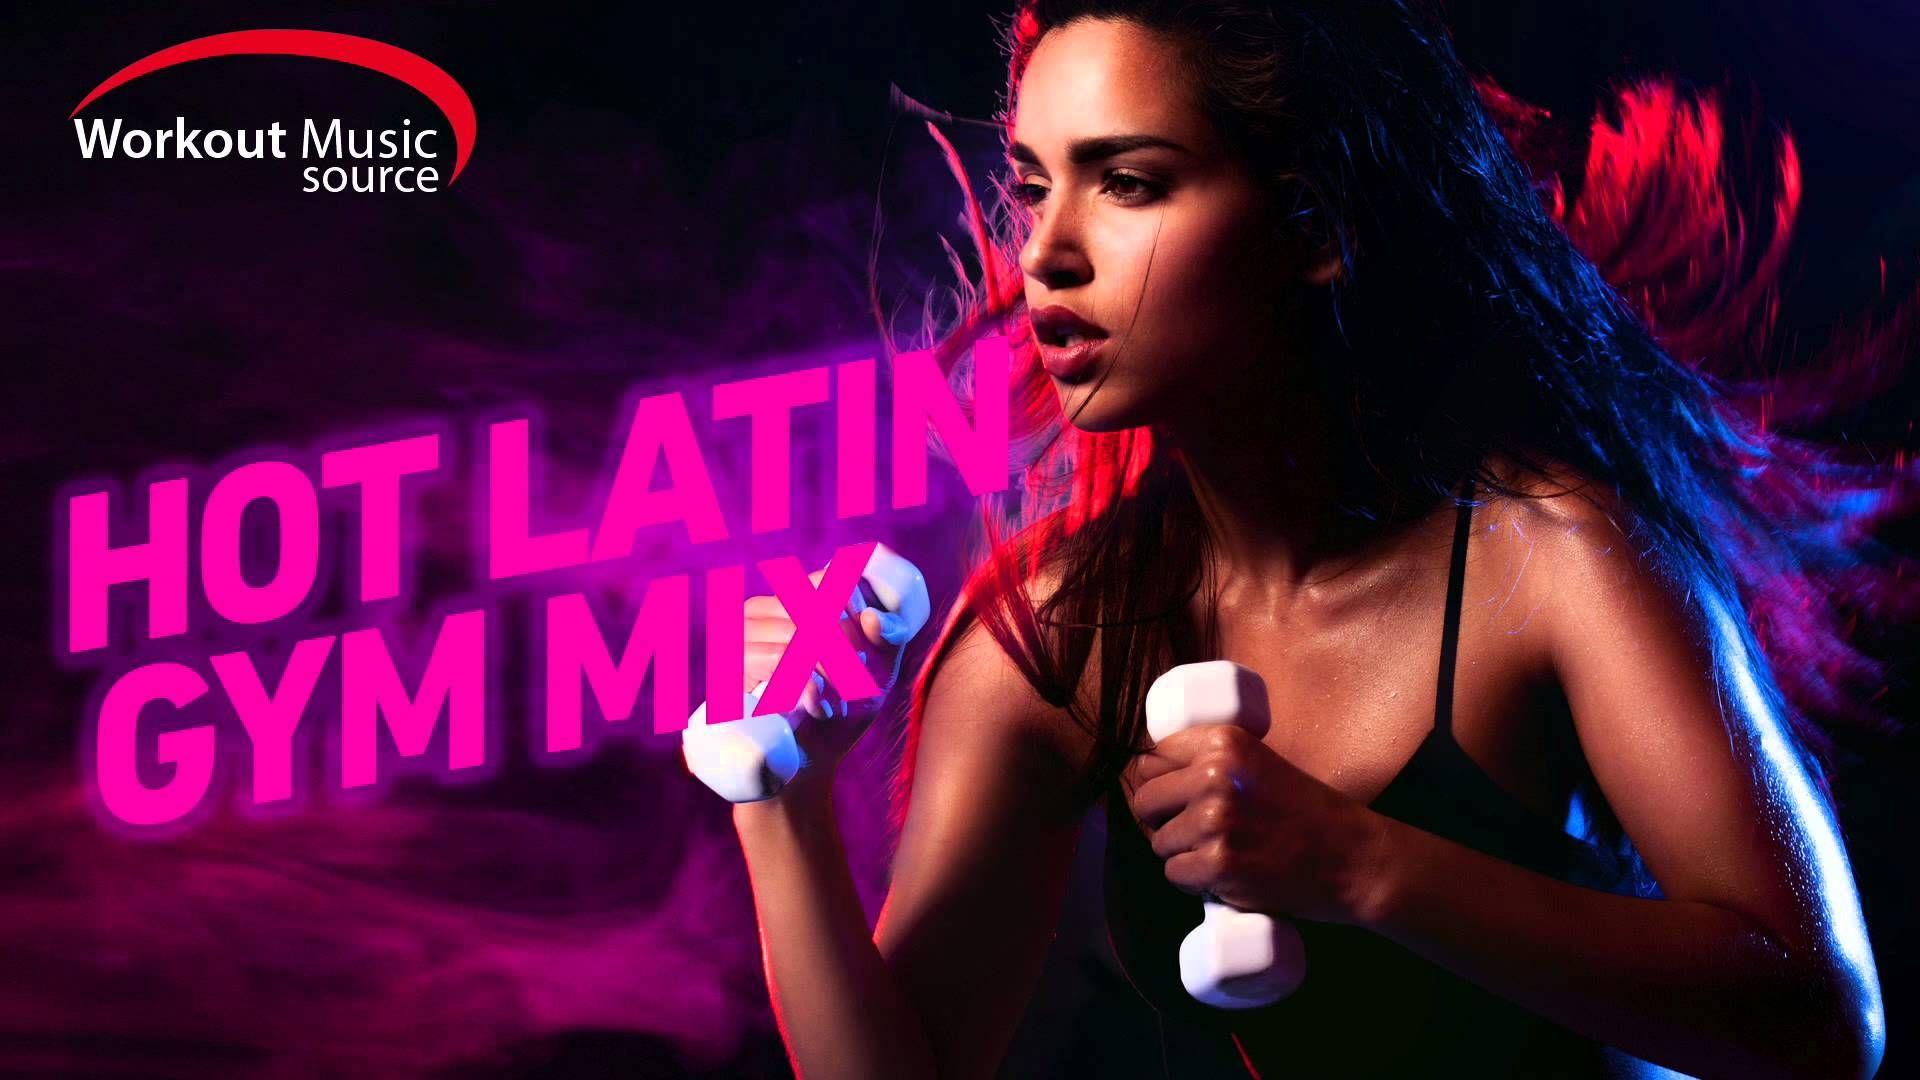 Workout Music Source // Hot Latin Gym Mix (135 BPM) | Workout Music